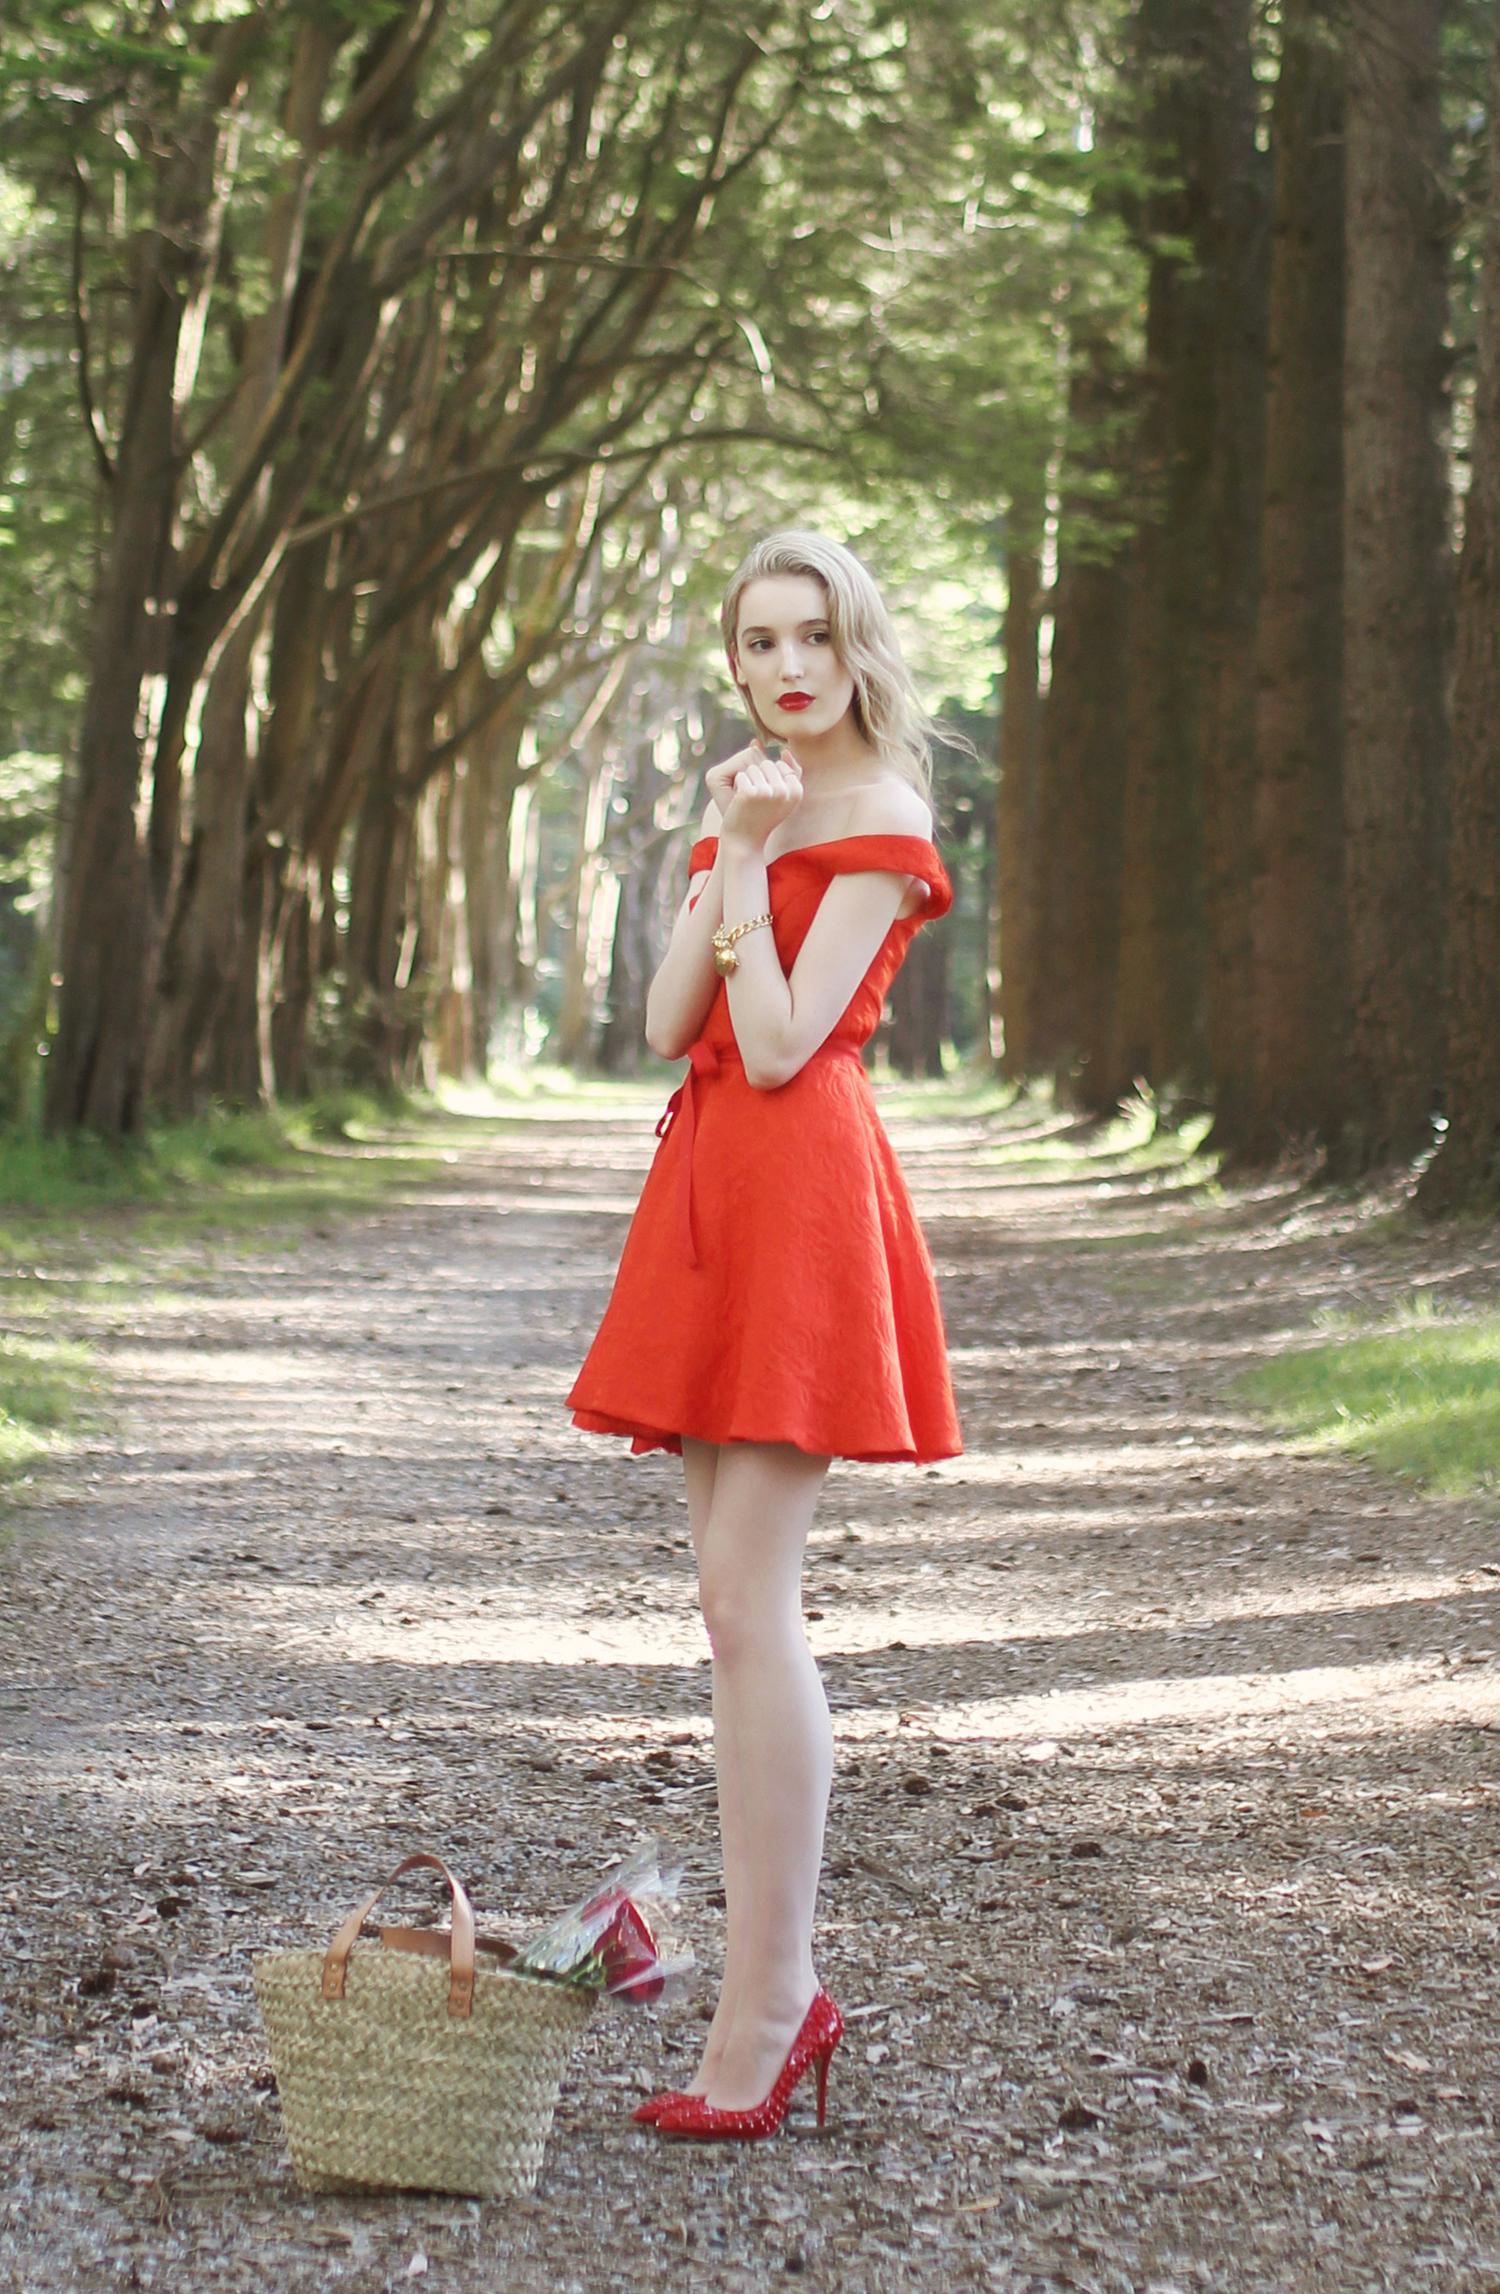 Fairytale Fashion Editorial